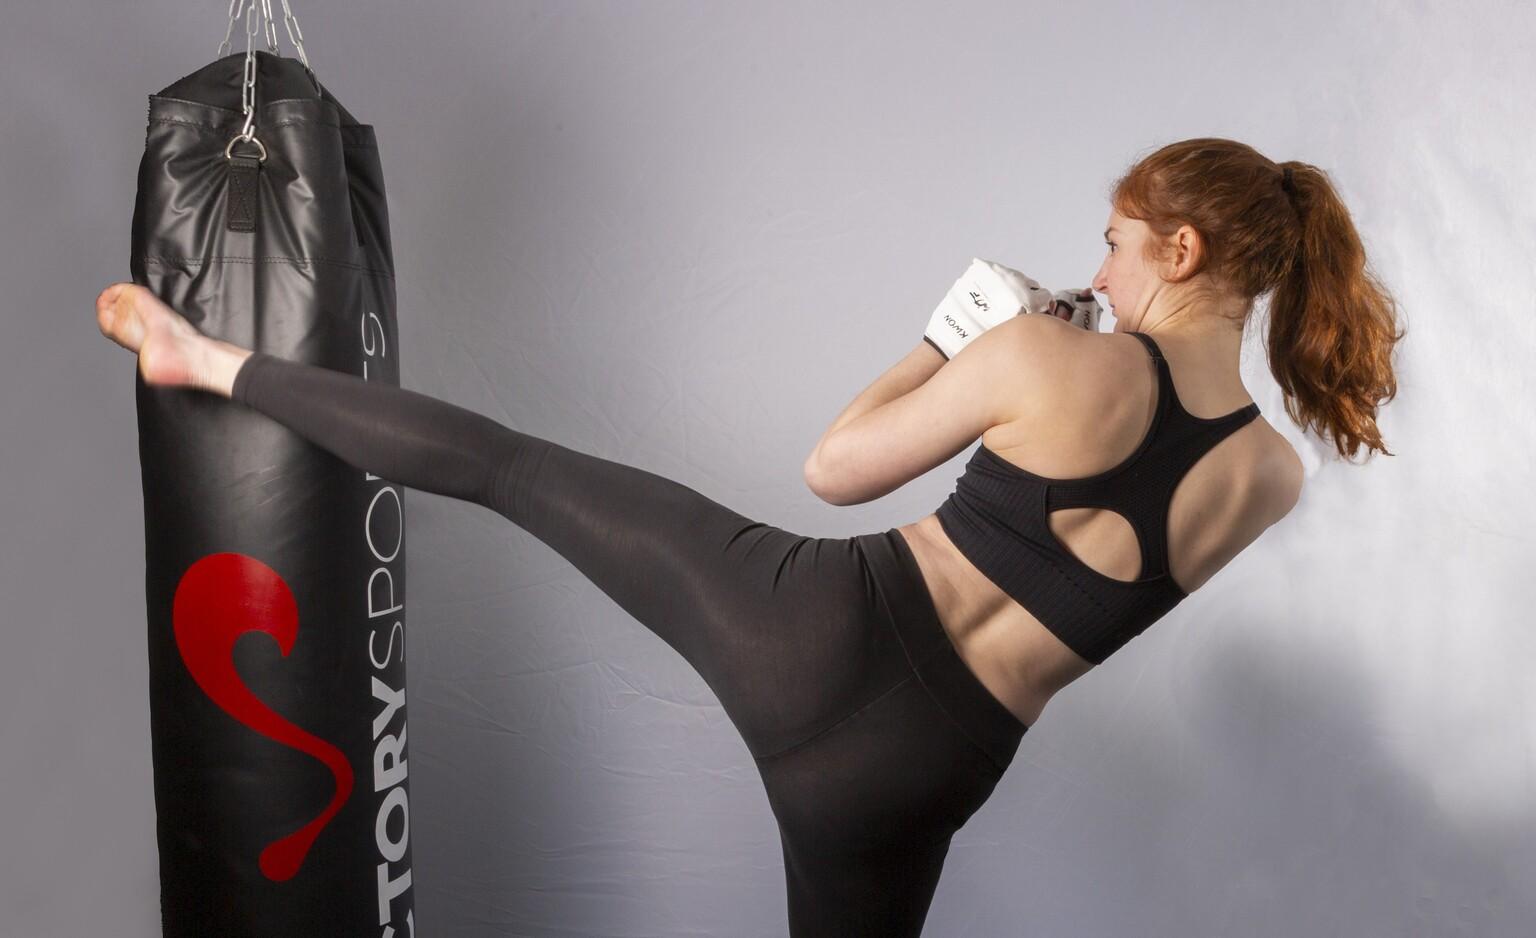 Trappen op de bokszak - Nu de sportscholen nog niet open zijn kun je best lekker trainen op een eigen bokszak. - foto door Rohan600 op 12-04-2021 - locatie: Nederland - deze foto bevat: sport, taekwondo, trappen, bokszak, trainen, model, schoen, hand, arm, schouder, been, flitsfotografie, menselijk lichaam, nek, jurk, mouw